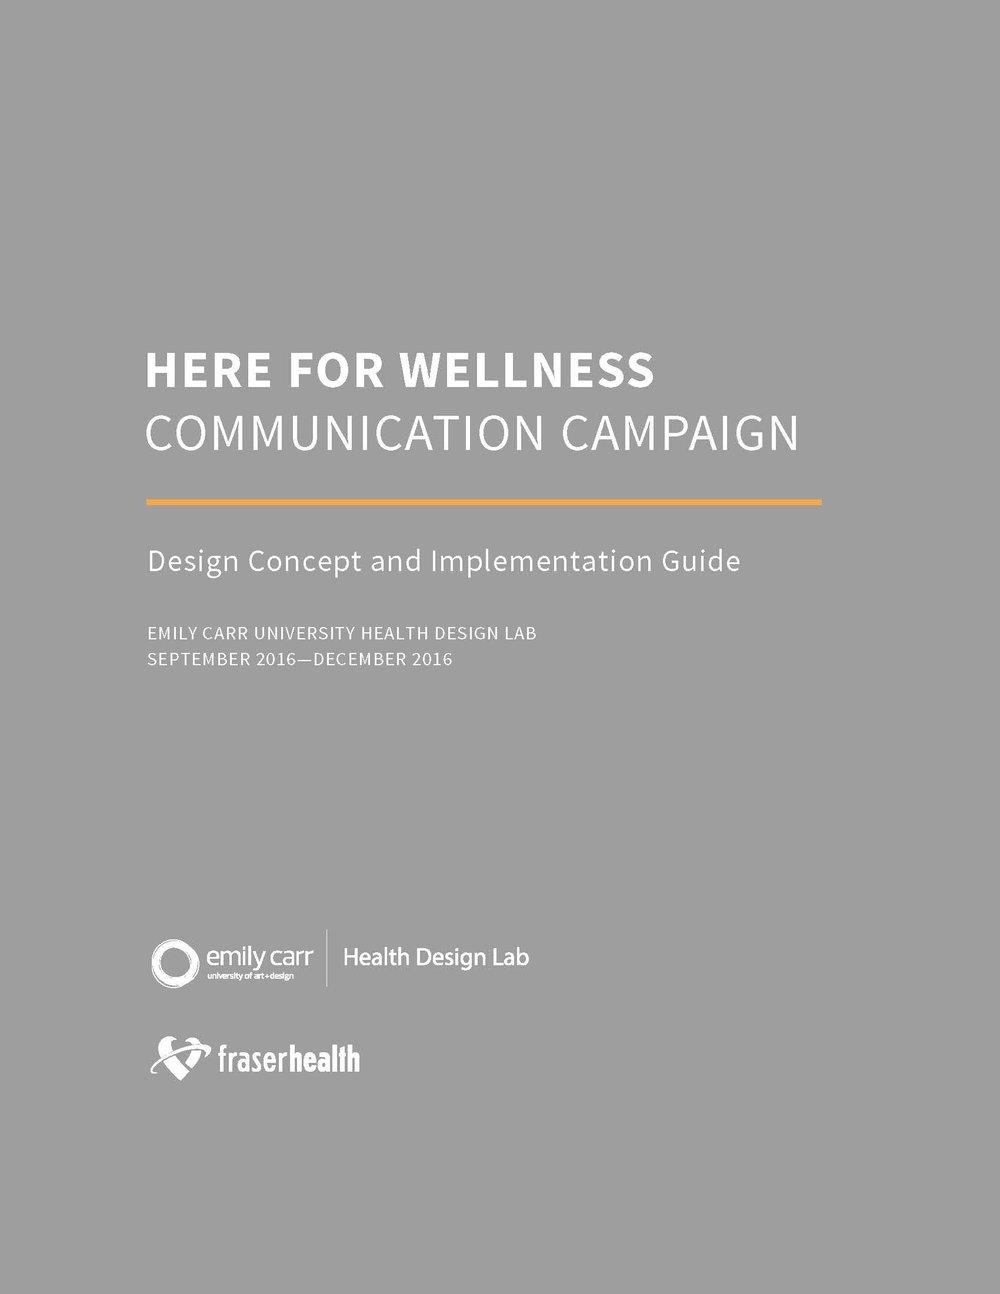 Copy of HDL_Fraser_Health_V4_Page_01.jpg